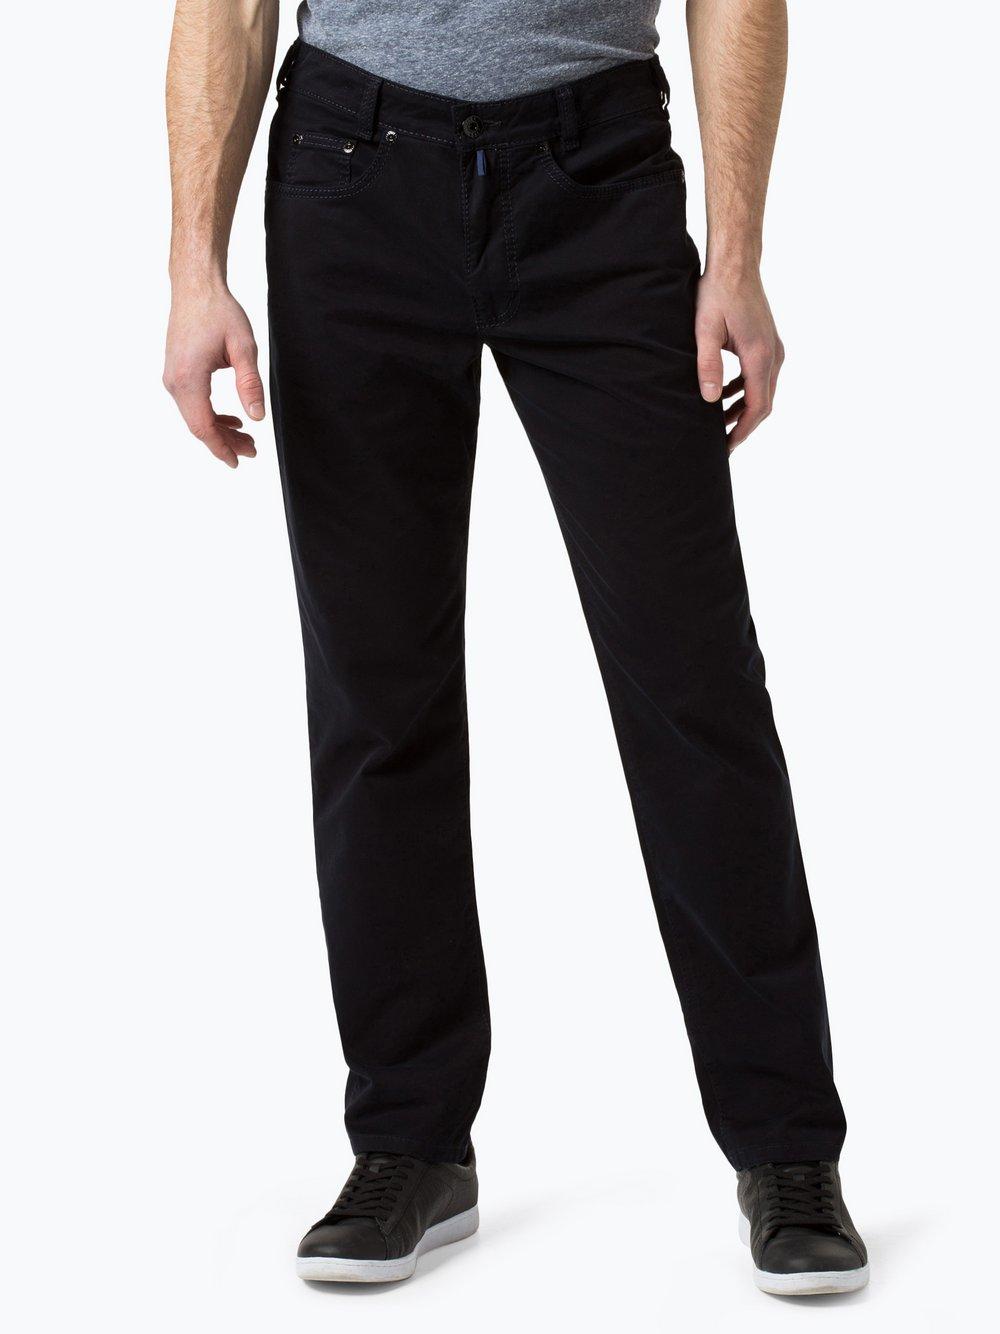 Joker – Spodnie męskie – Harlem Walker, niebieski Van Graaf 371360-0003-03532